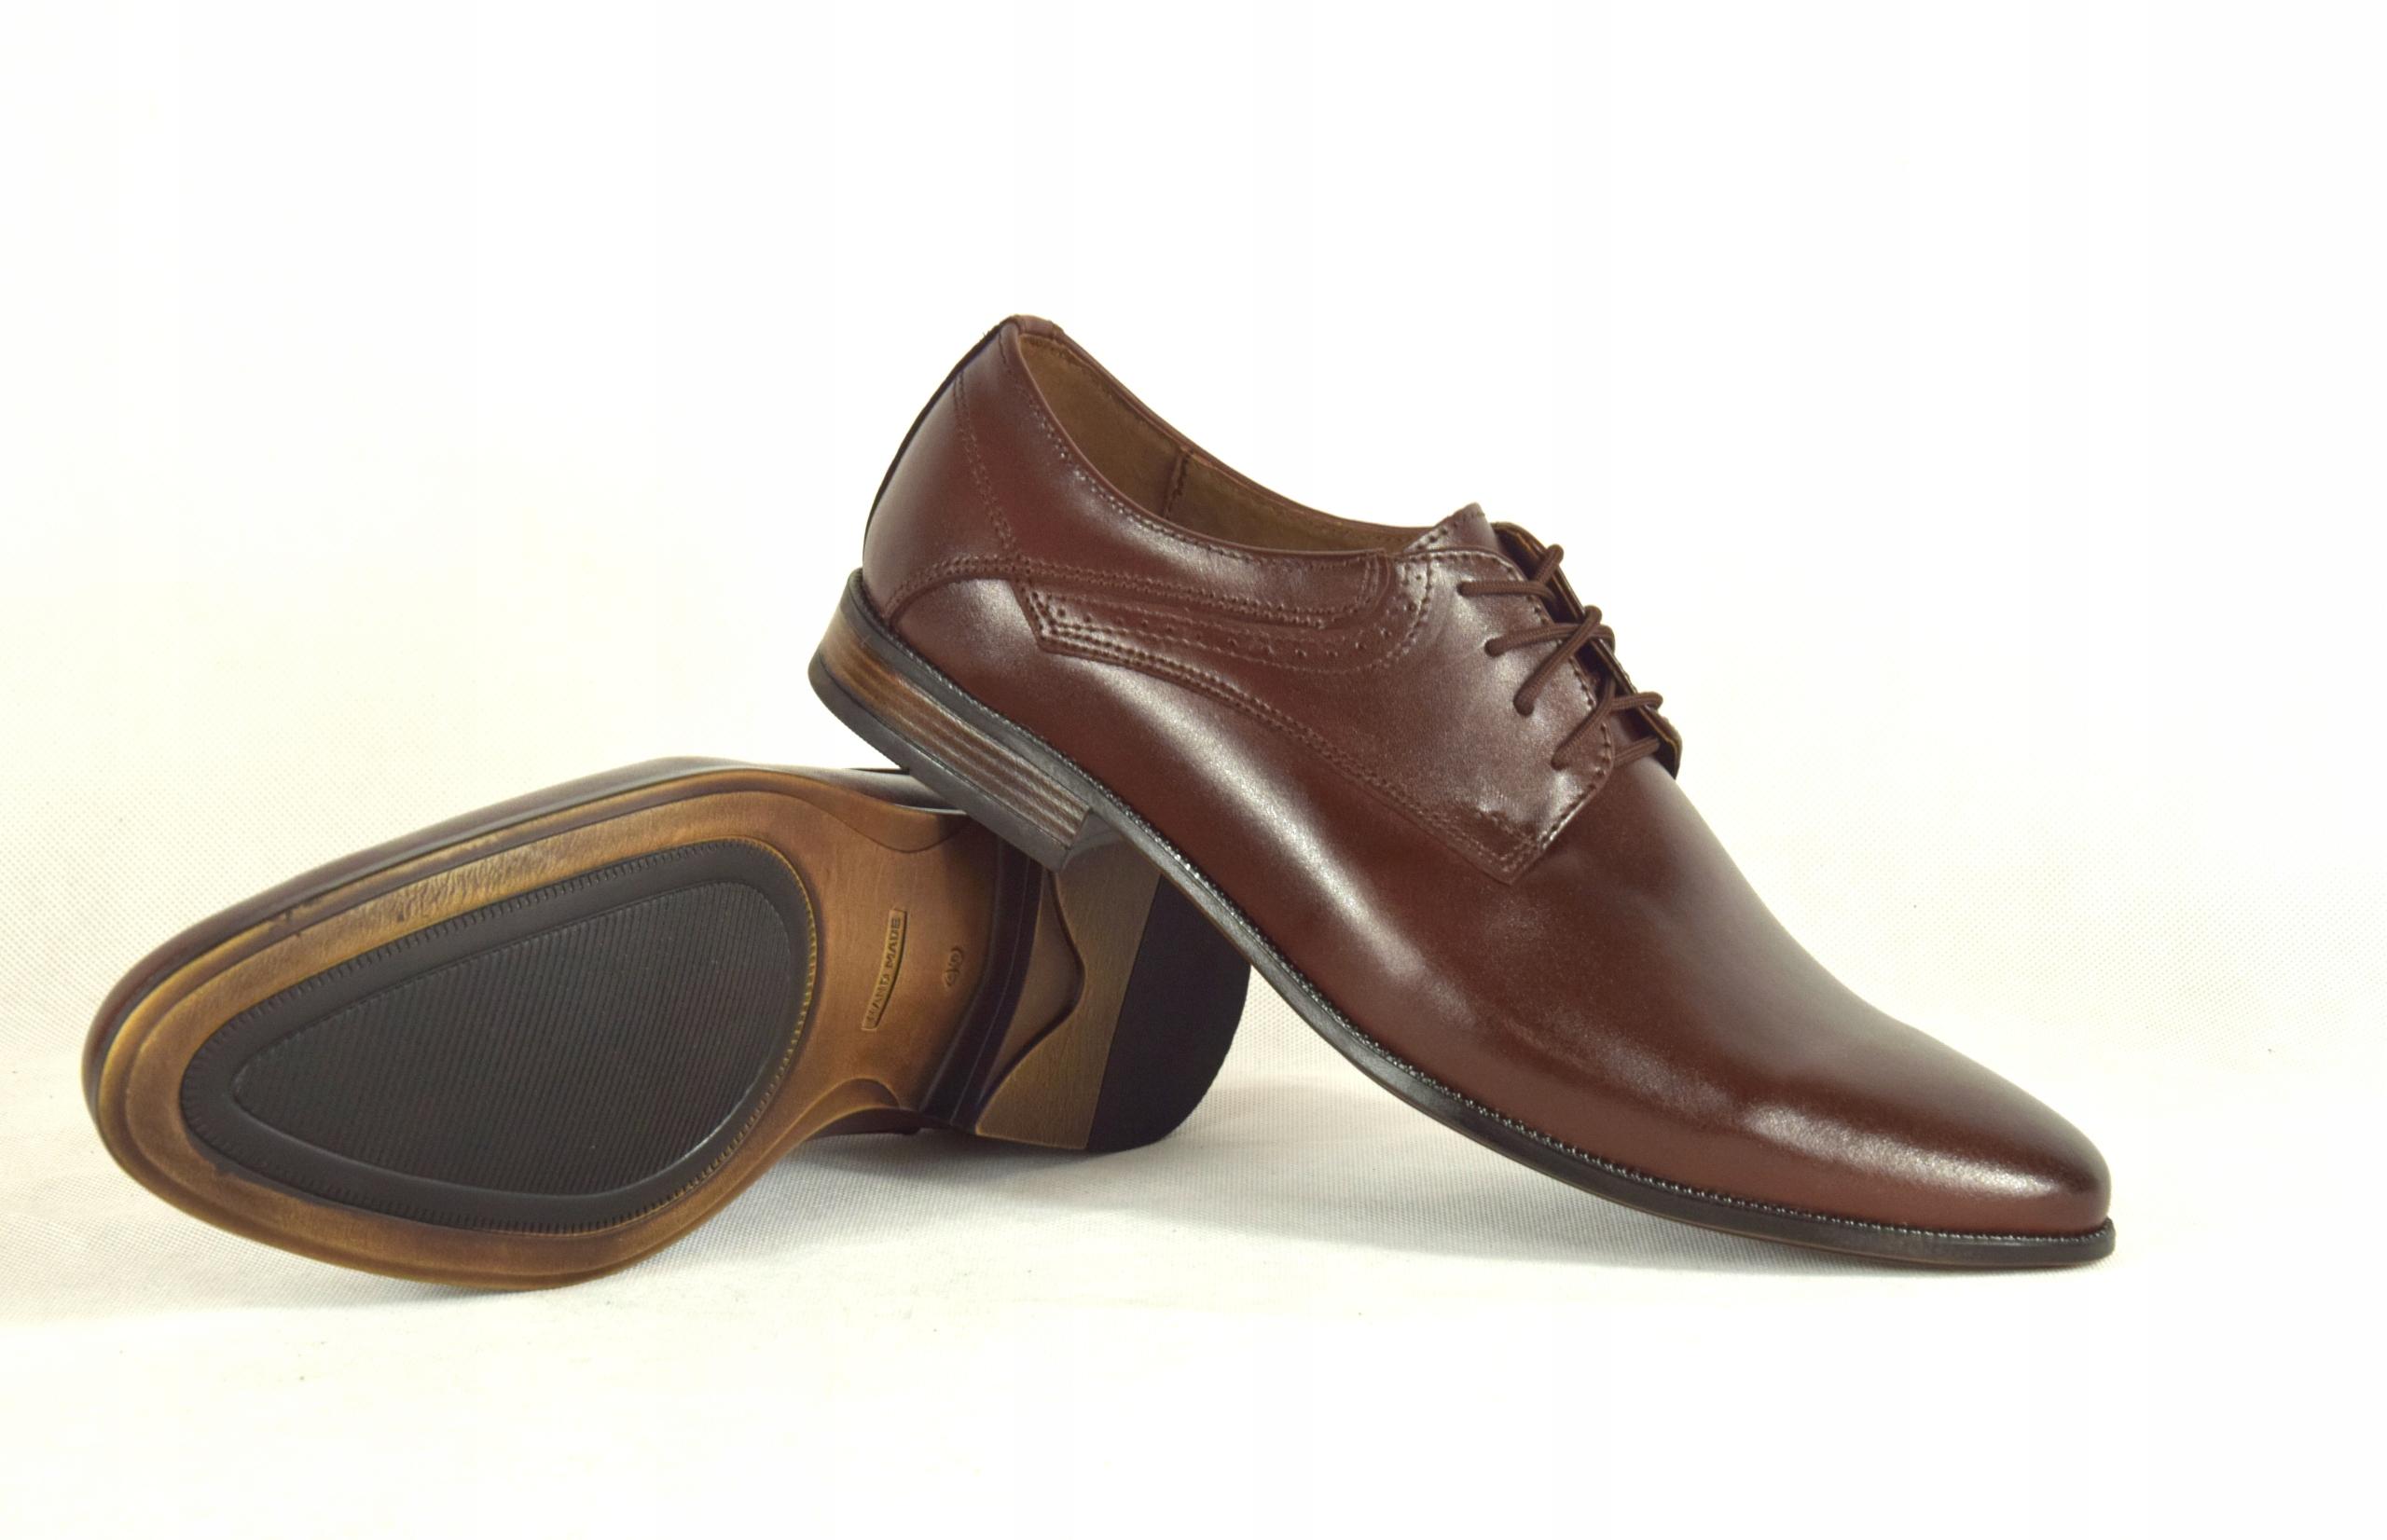 Buty męskie wizytowe skórzane brązowe obuwie 11 Kolor brązowy